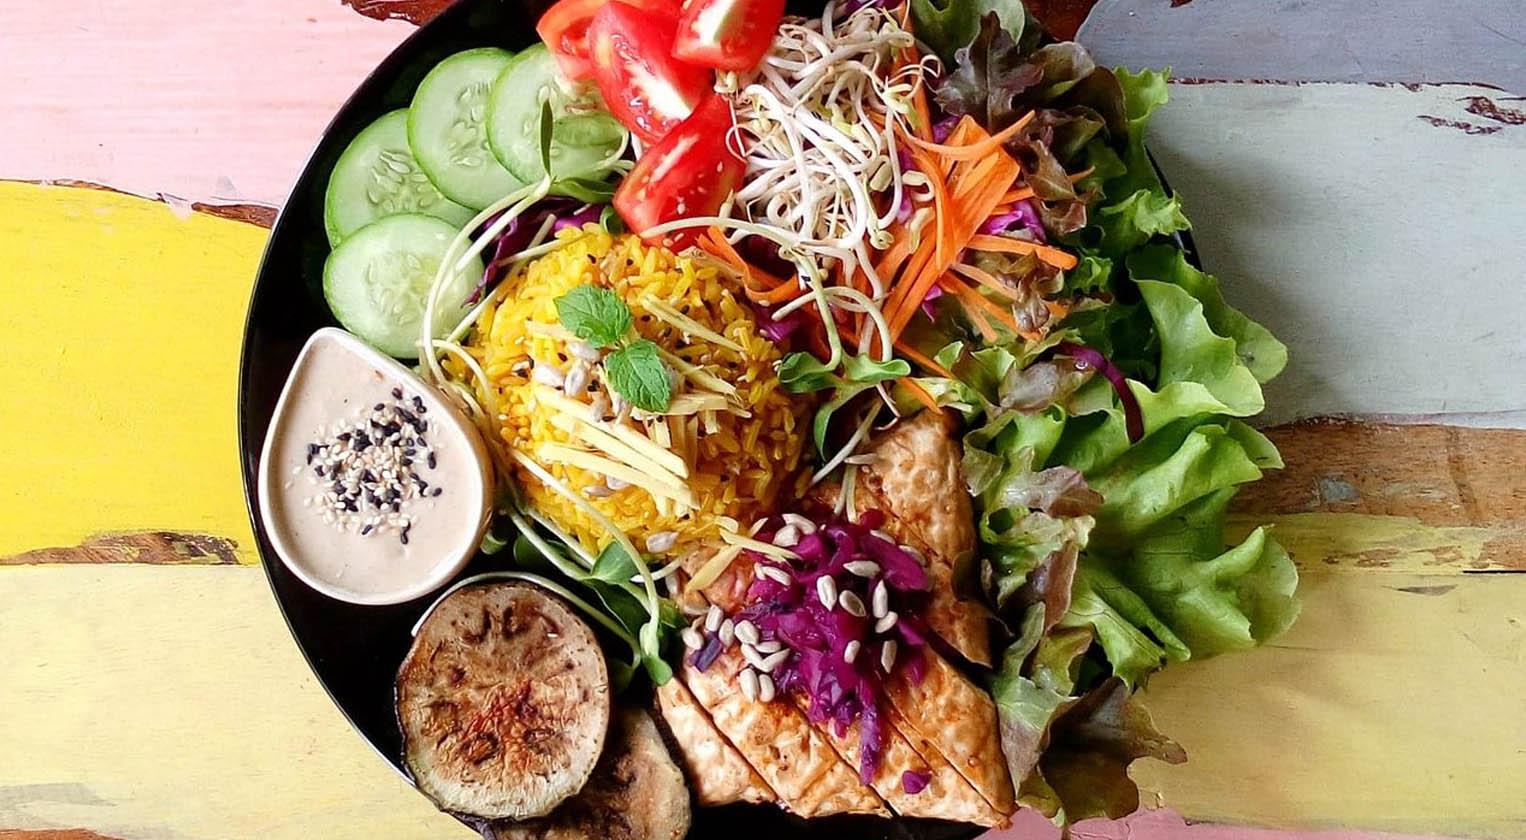 Vegan Food in Pai, Thailand